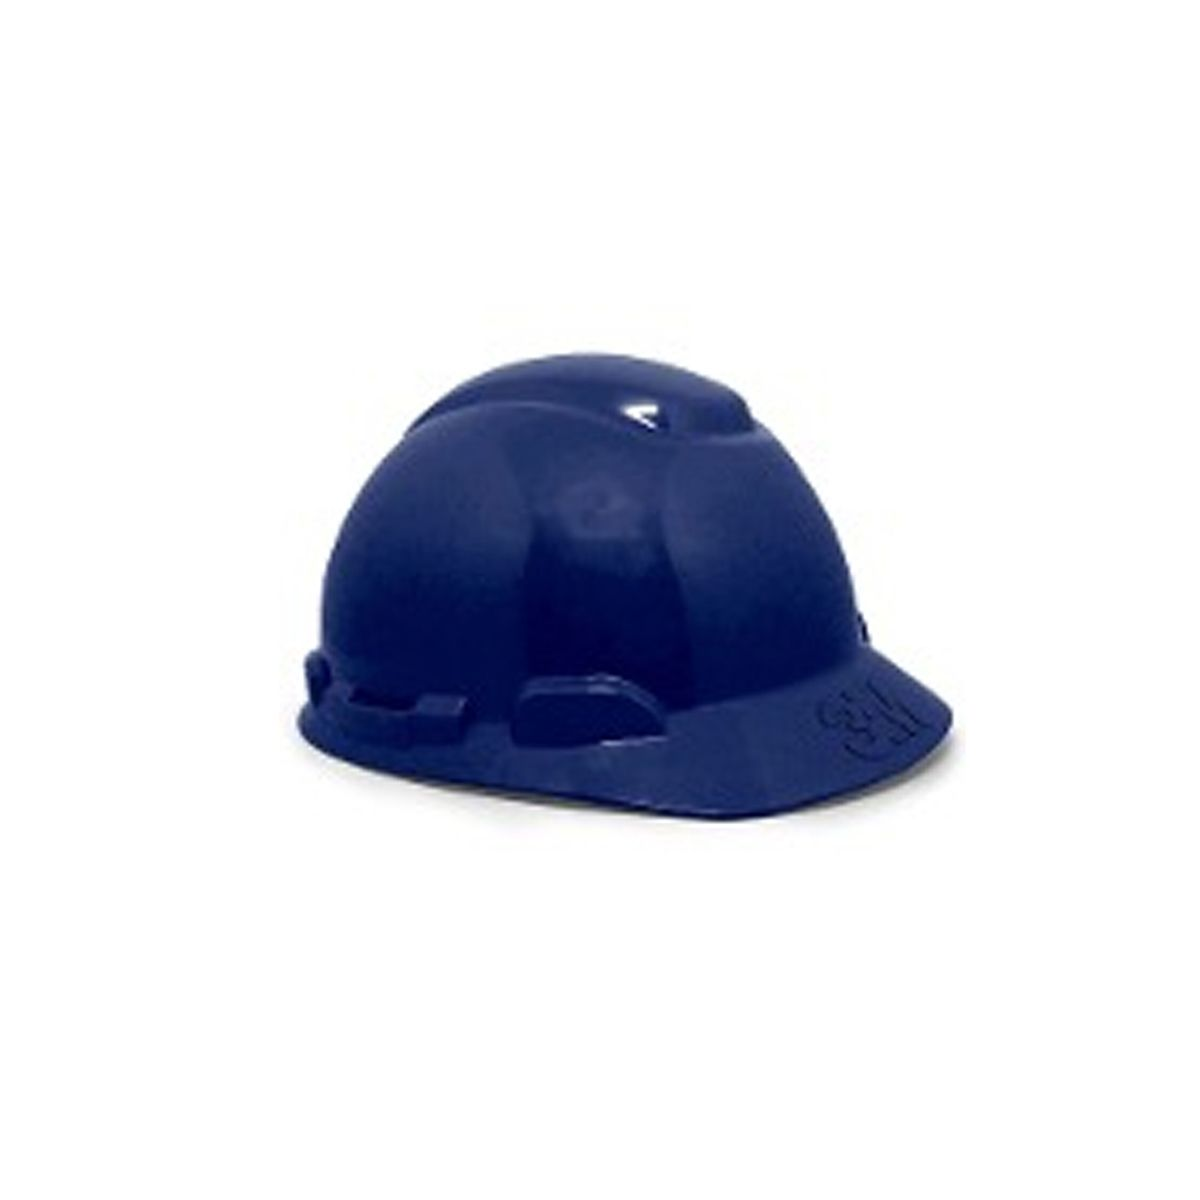 Capacete de Segurança Simples Azul Escuro 3M CA: 29.638 - HB004238273